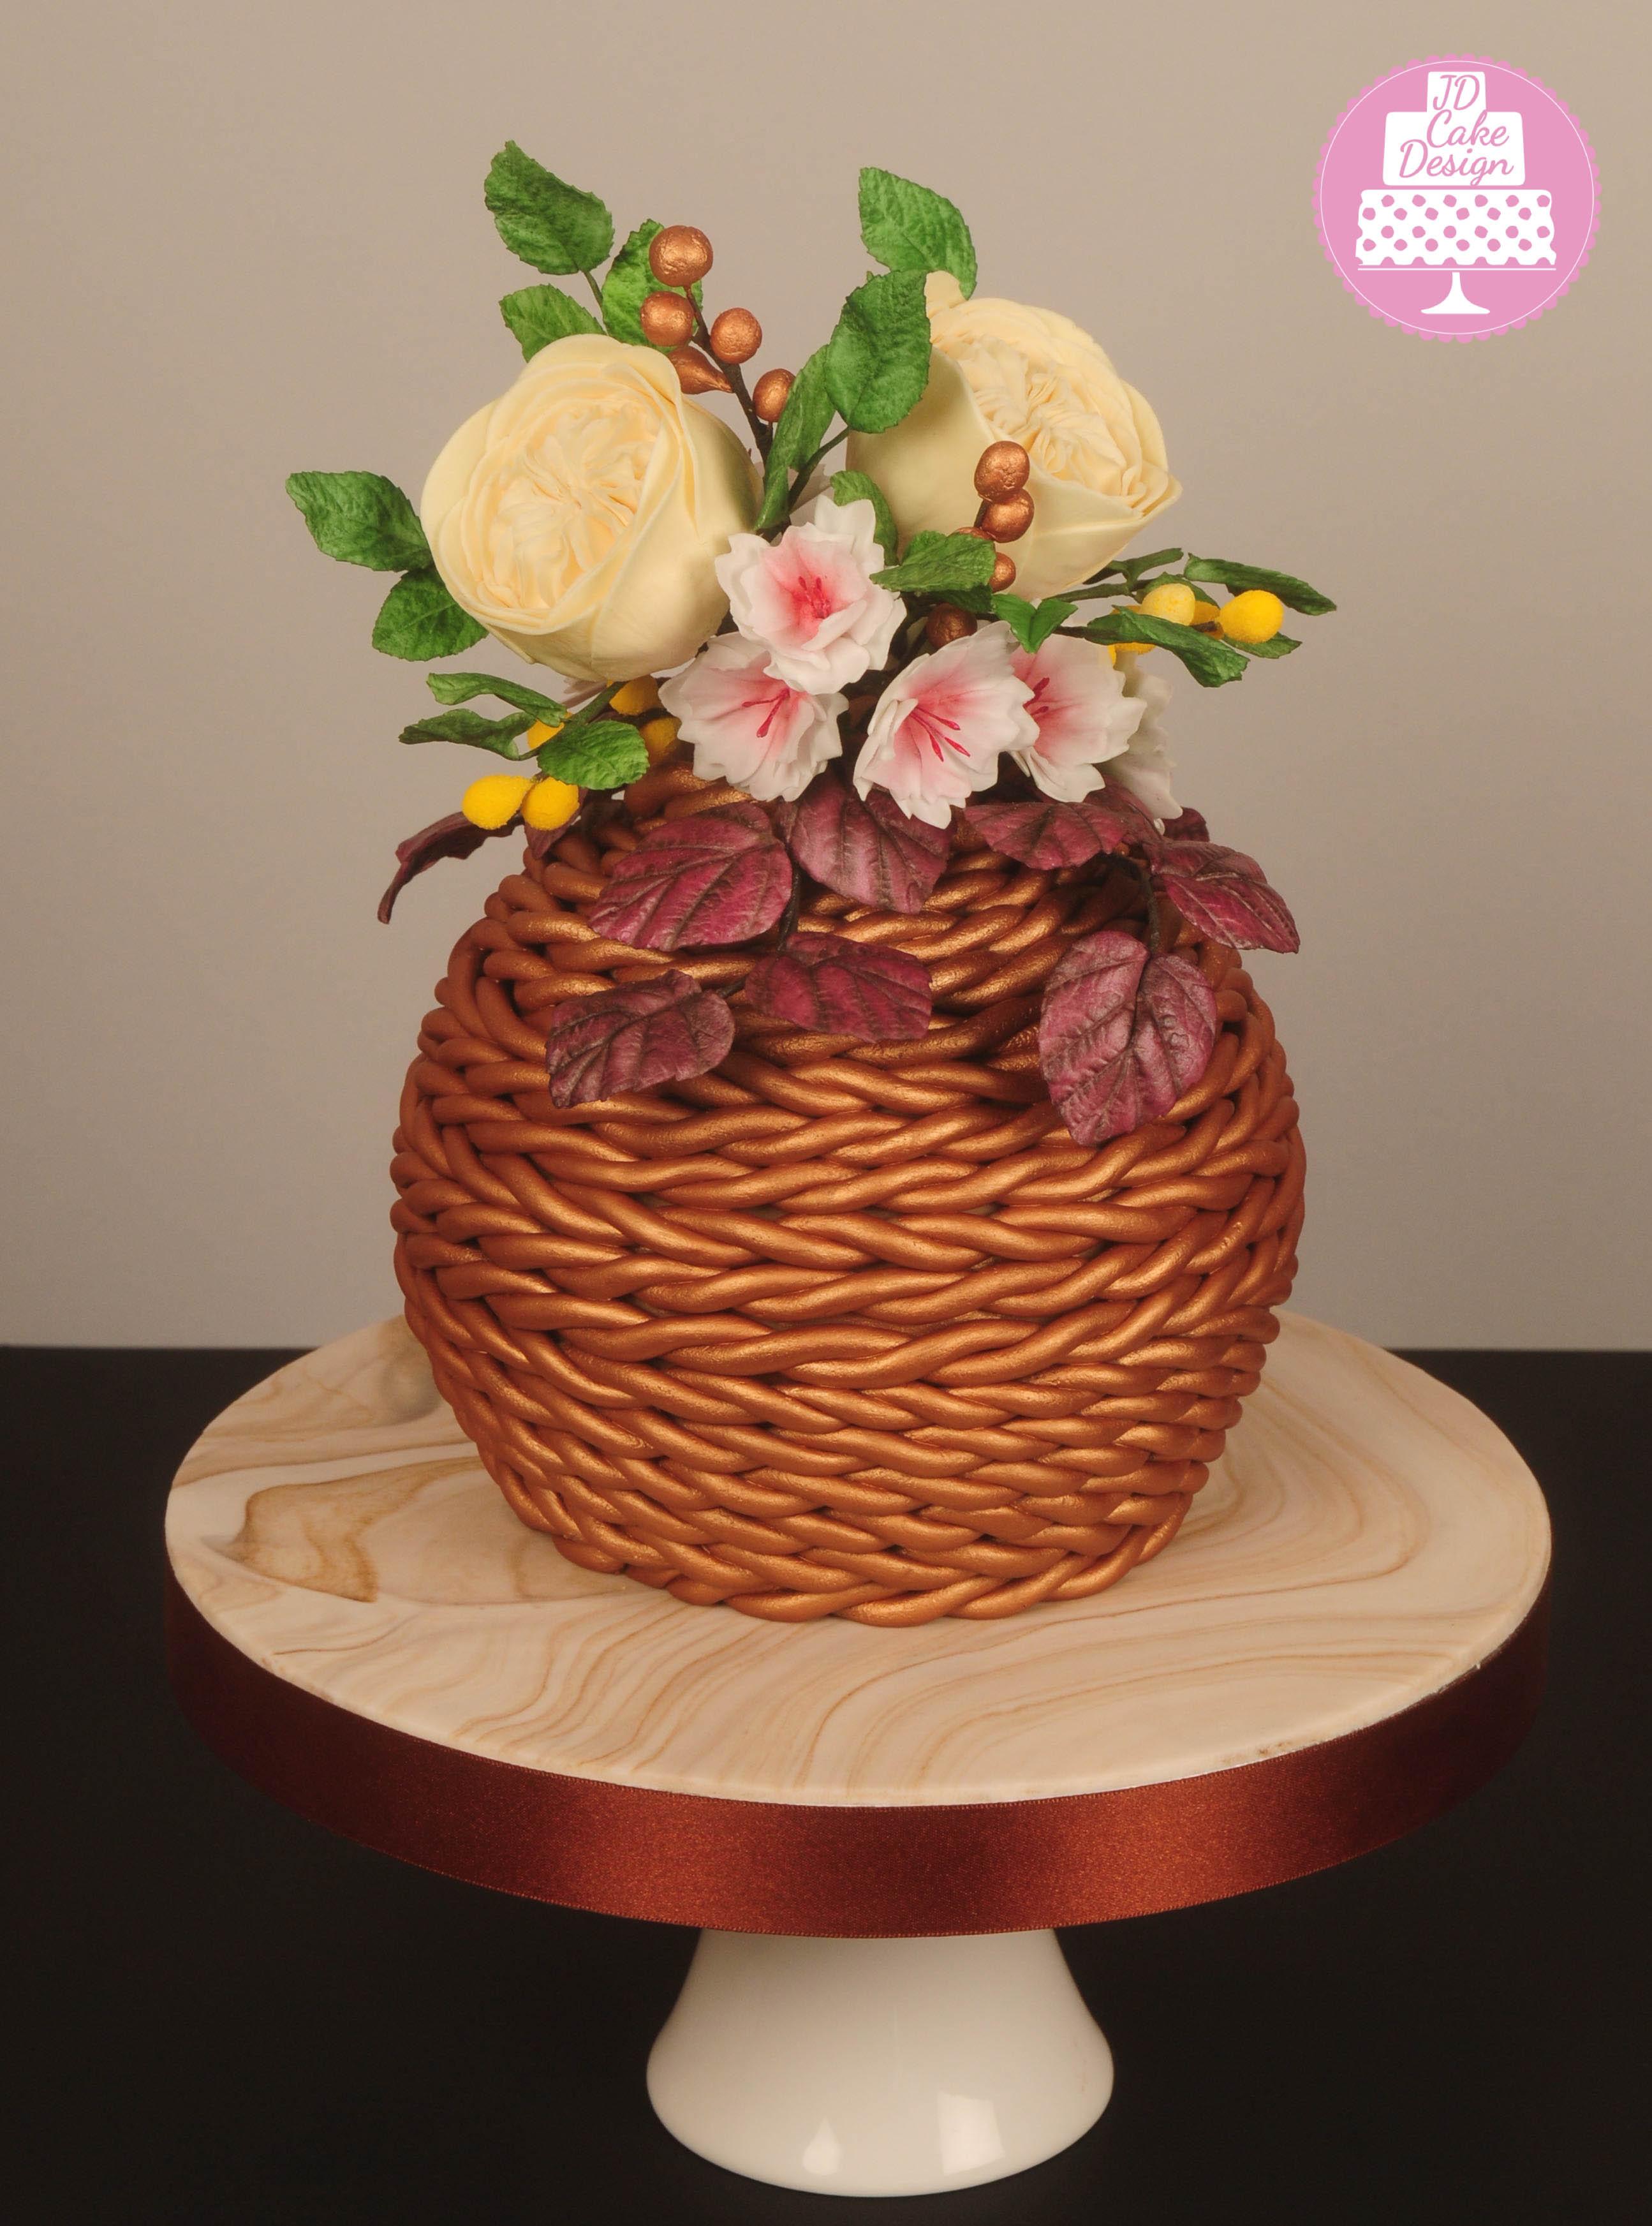 Basket of sugar flowers